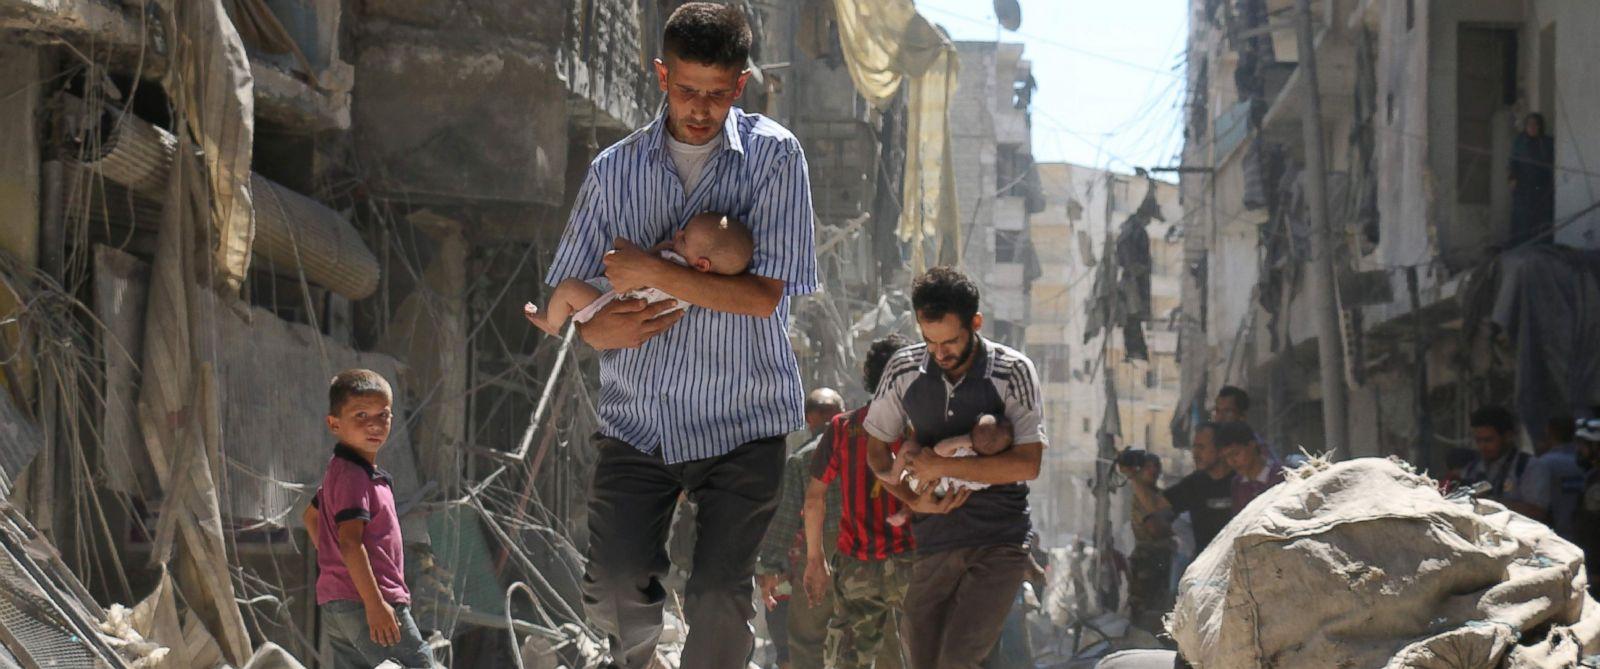 Image result for syria kids